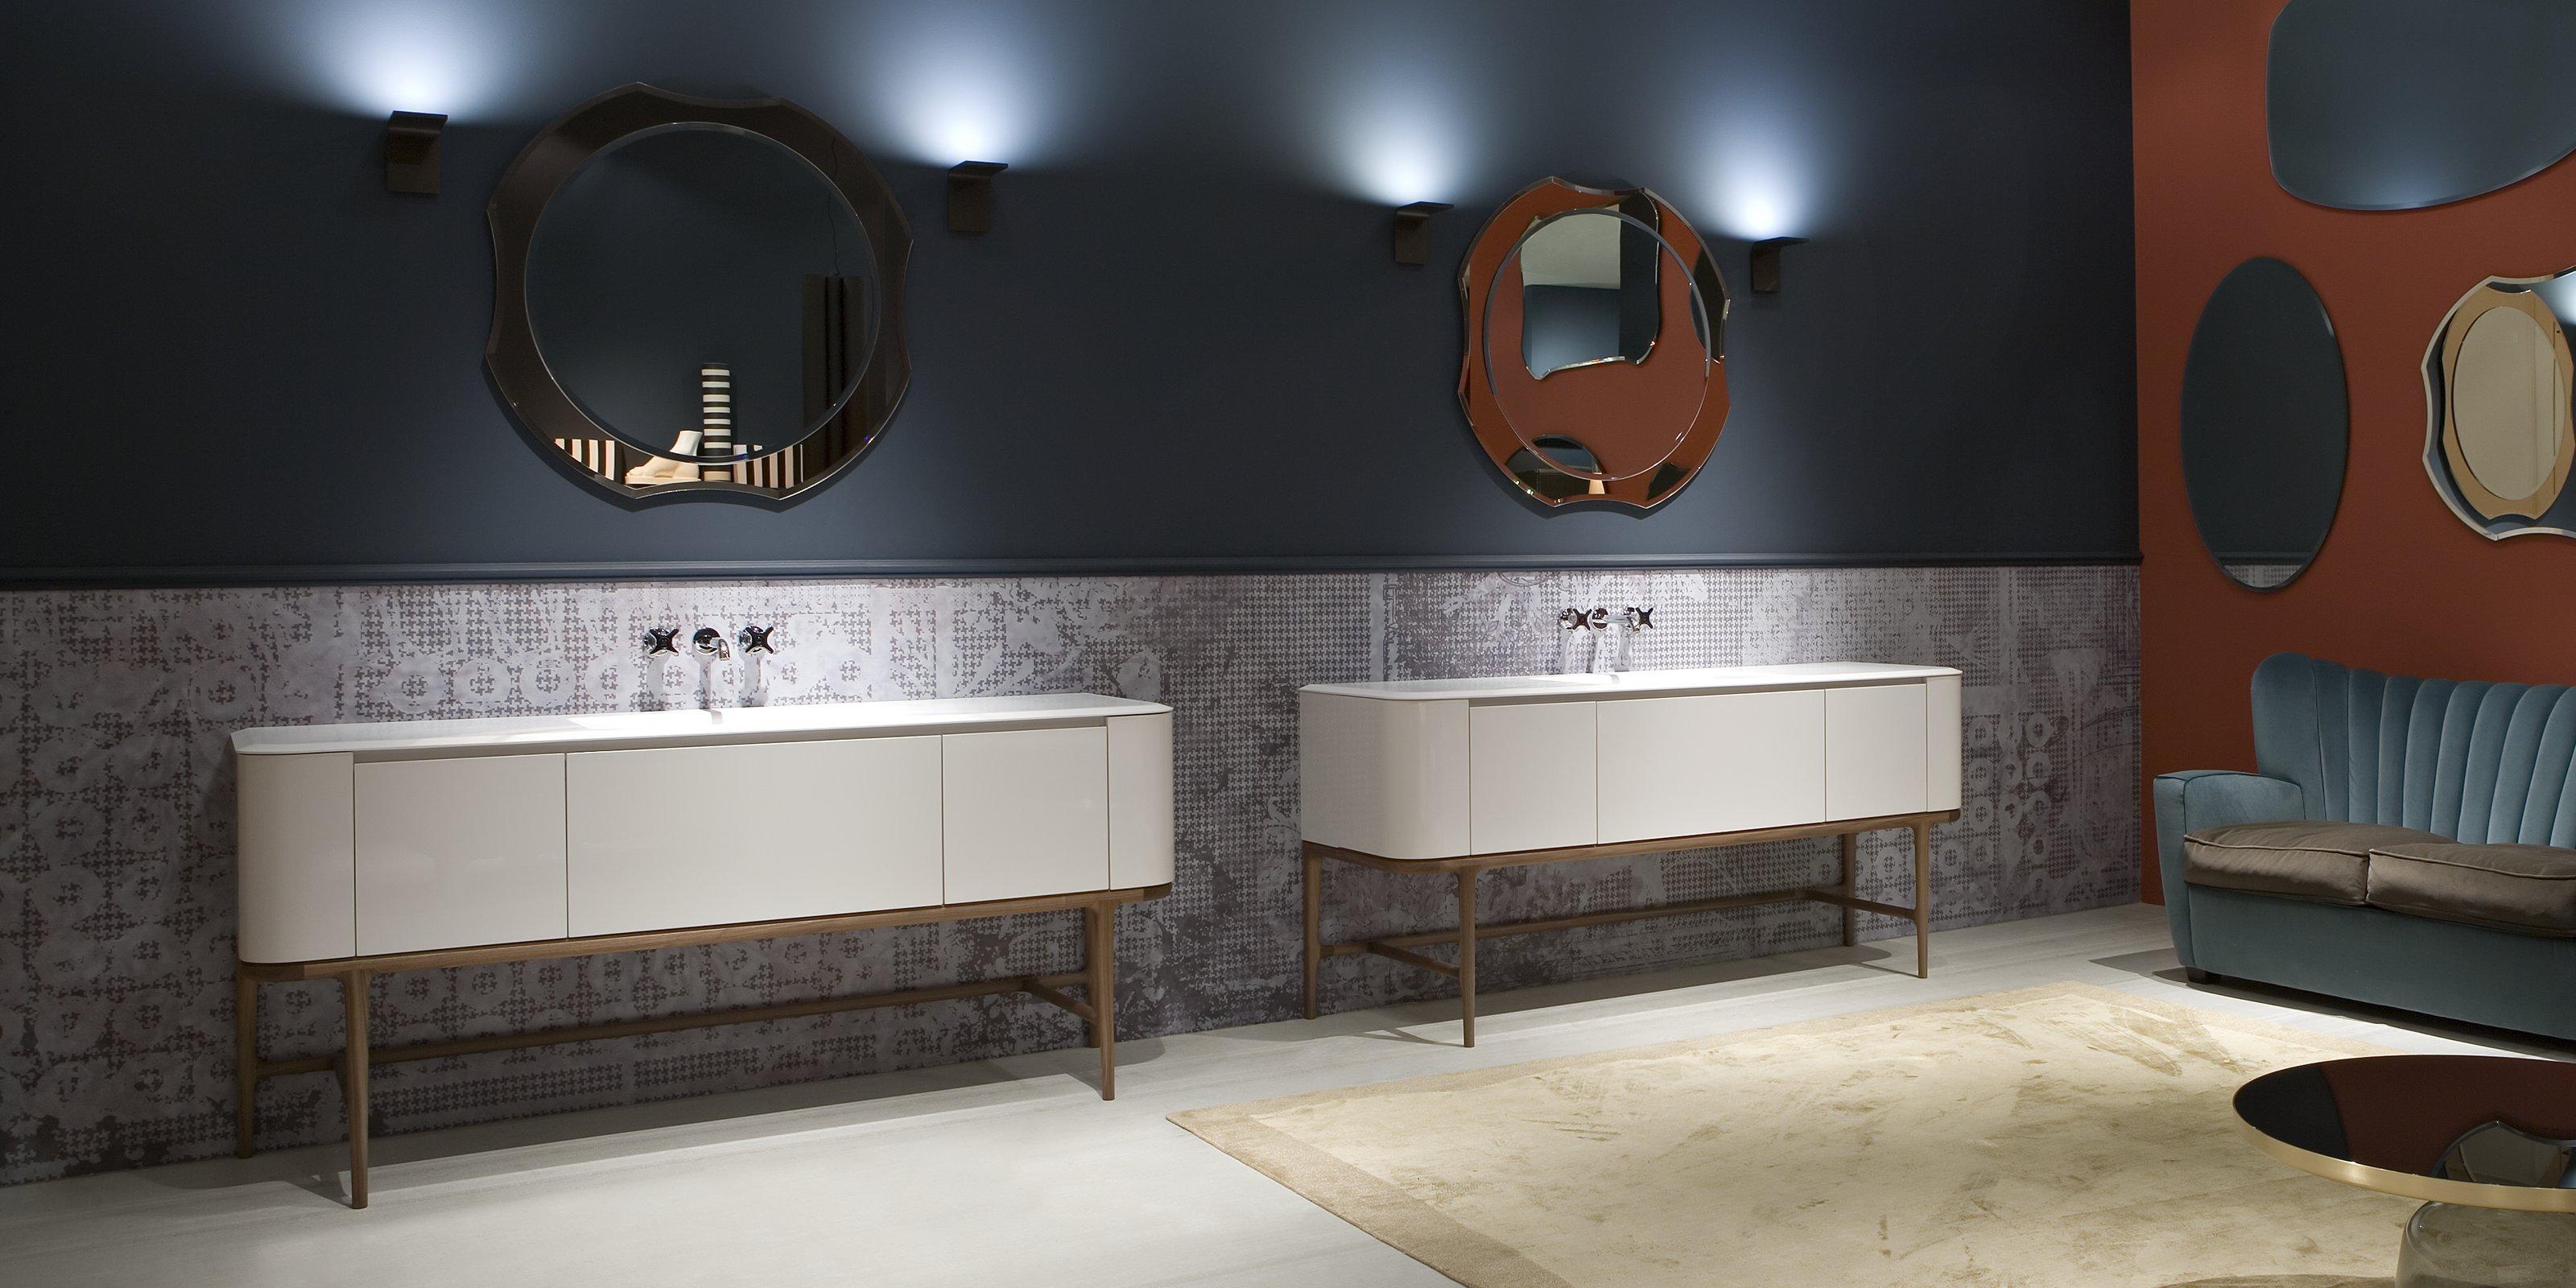 Ilbagno By Antonio Lupi Design S P A Media Photos And Videos 27 Archello